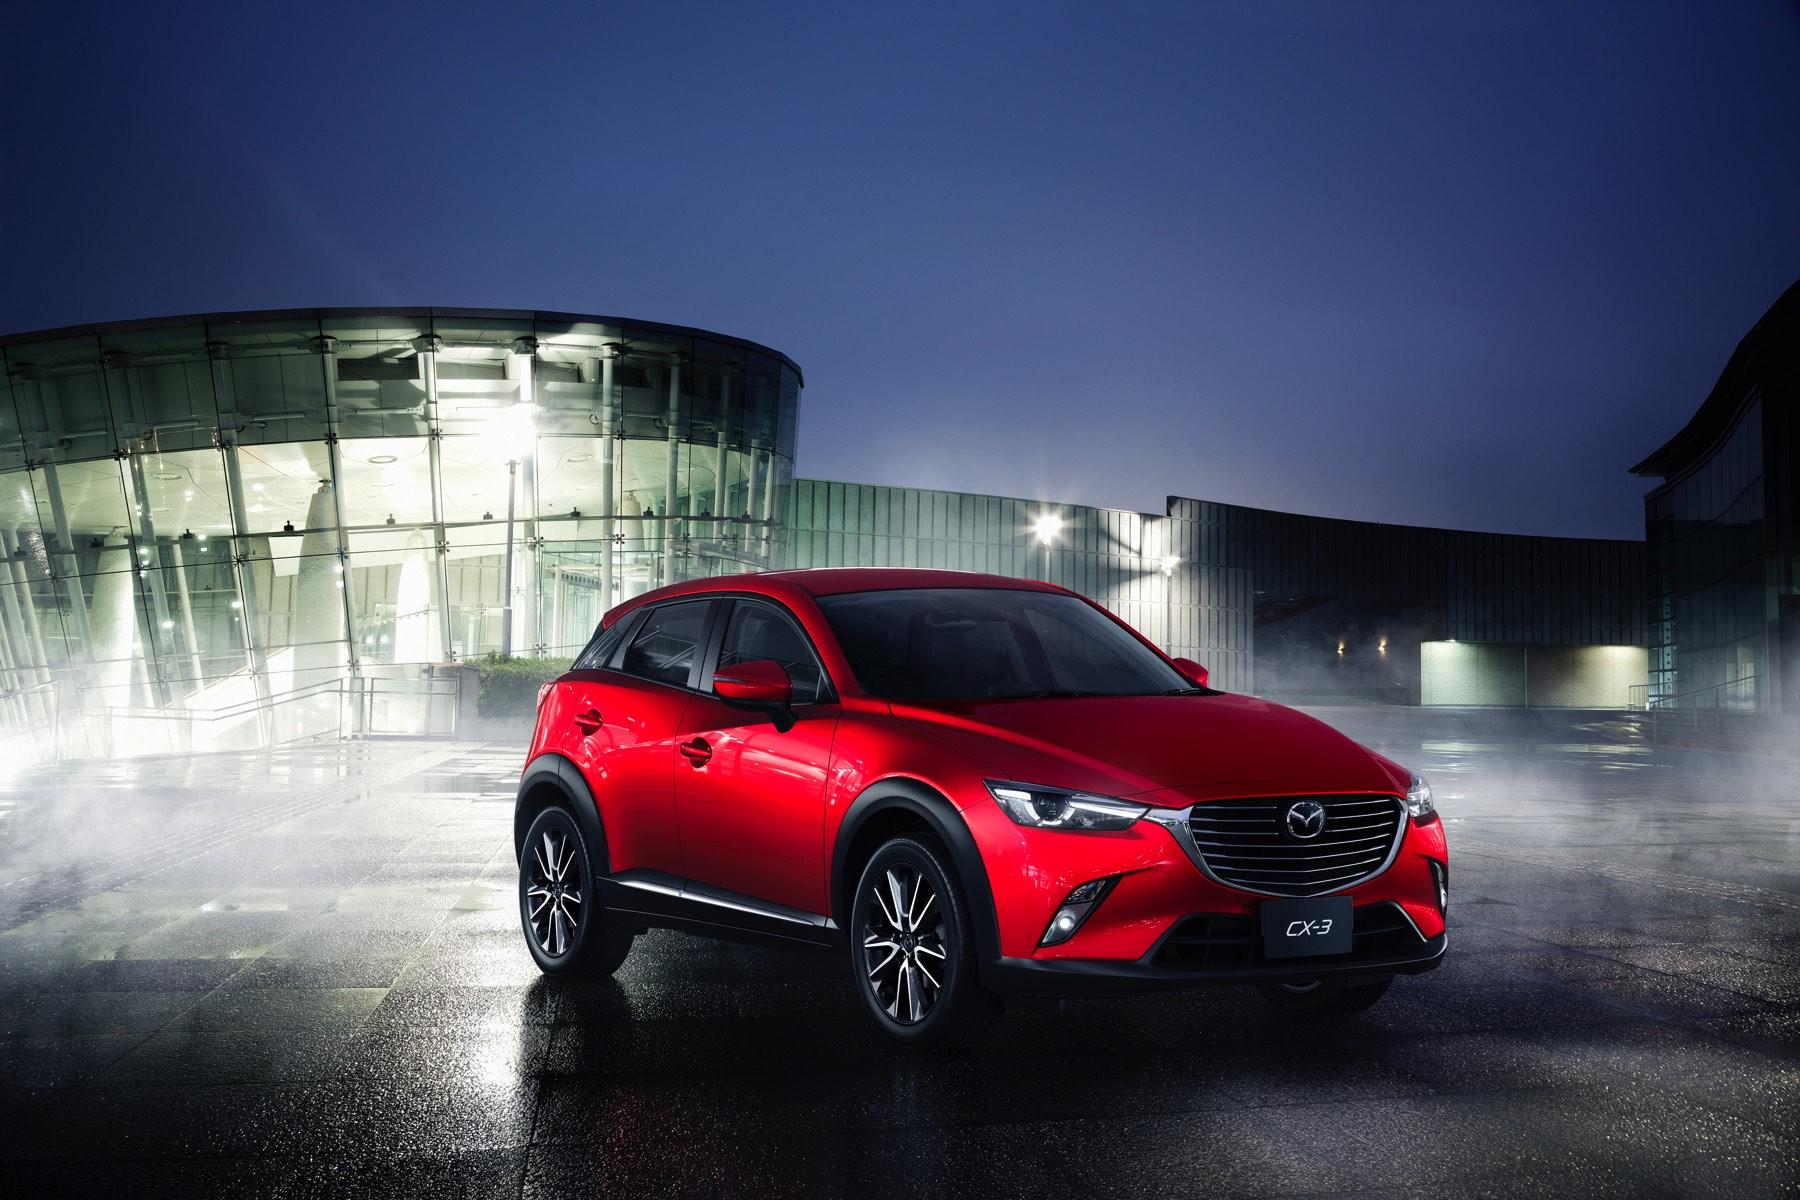 2016-Mazda-CX-3-003